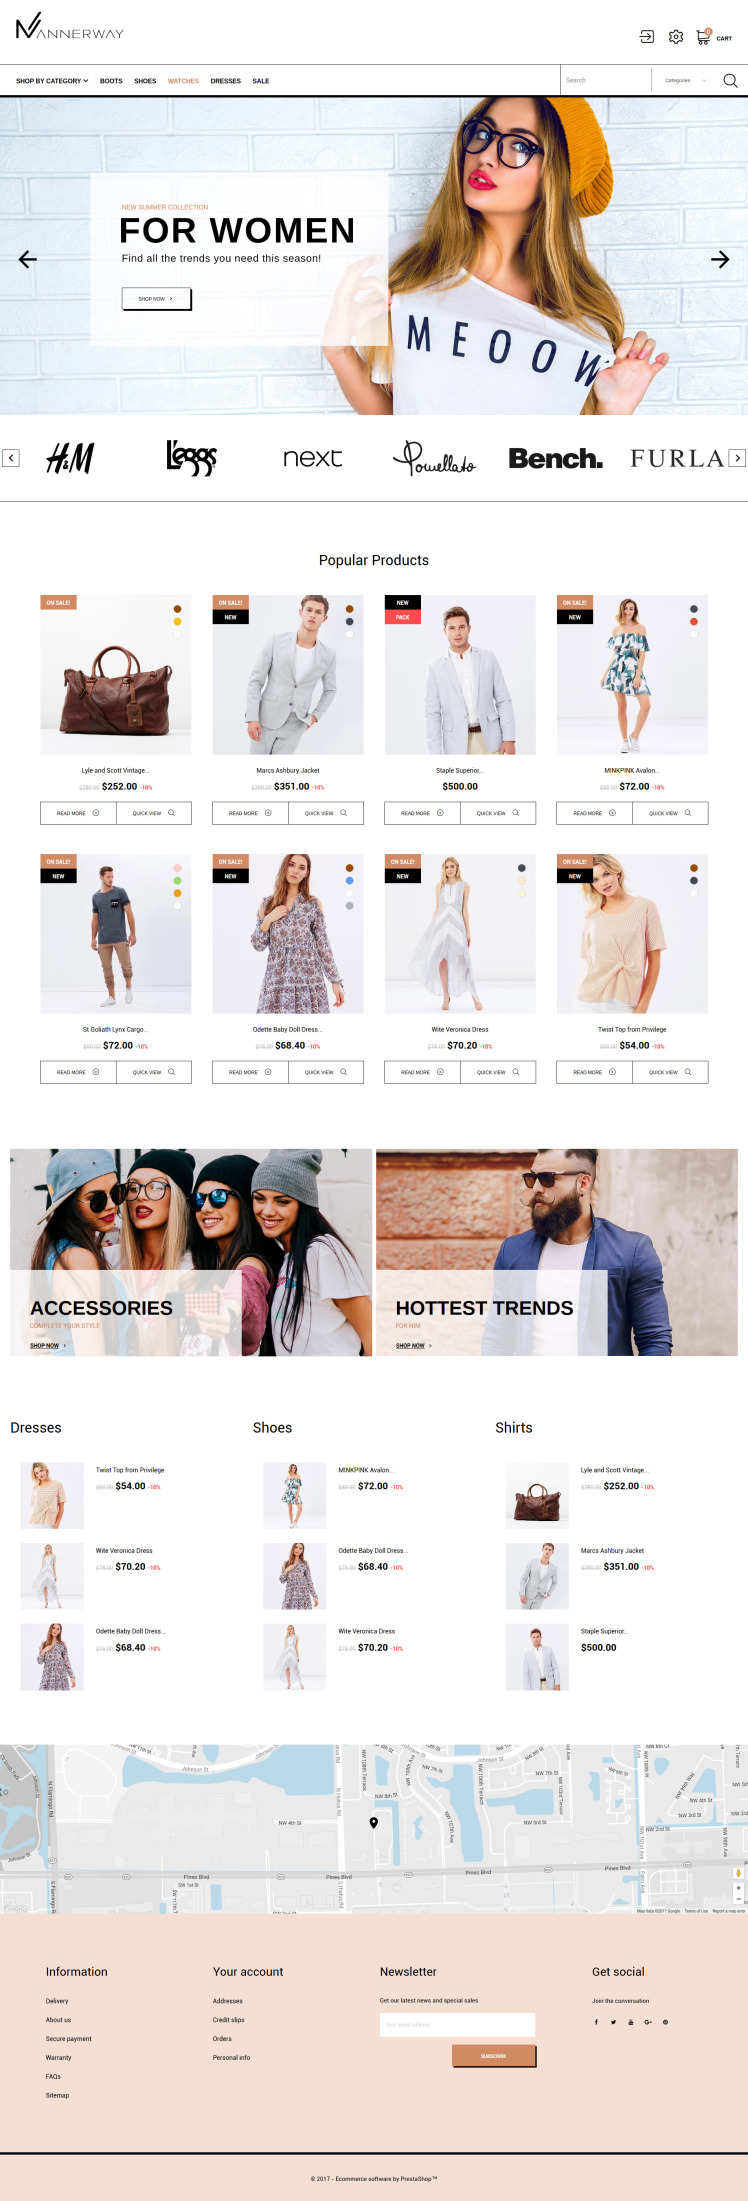 Mannerway Clothes Accessories PrestaShop Themes